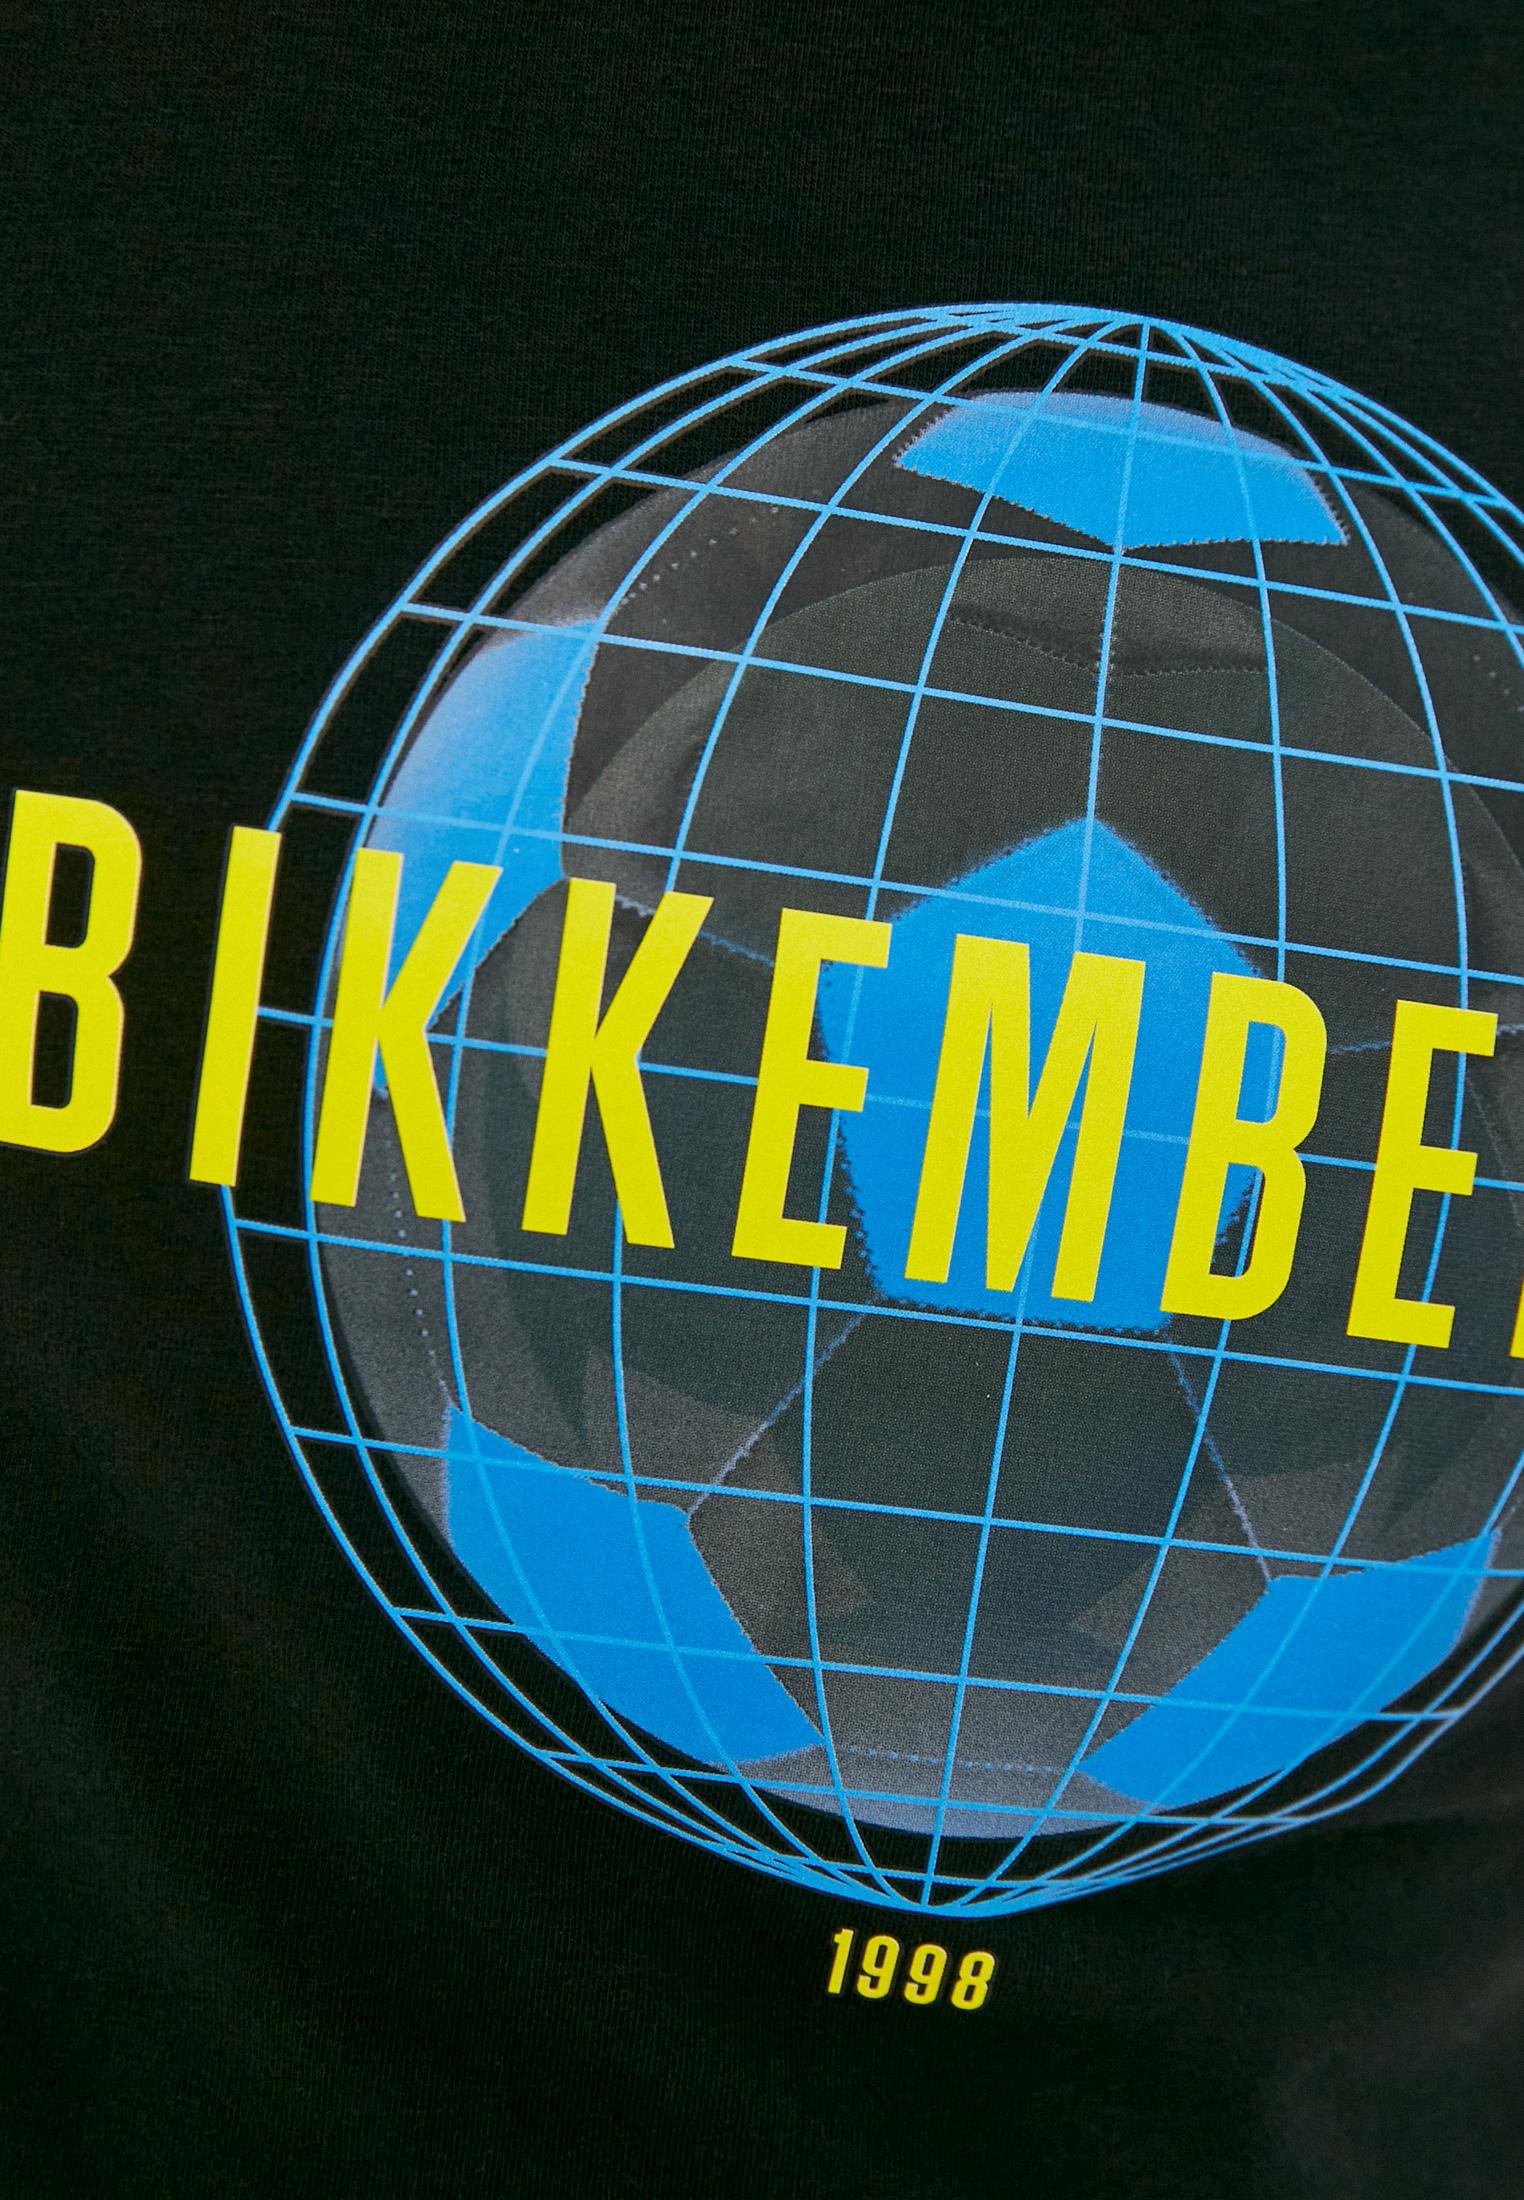 Мужская футболка Bikkembergs (Биккембергс) C 4 101 07 E 2231: изображение 6